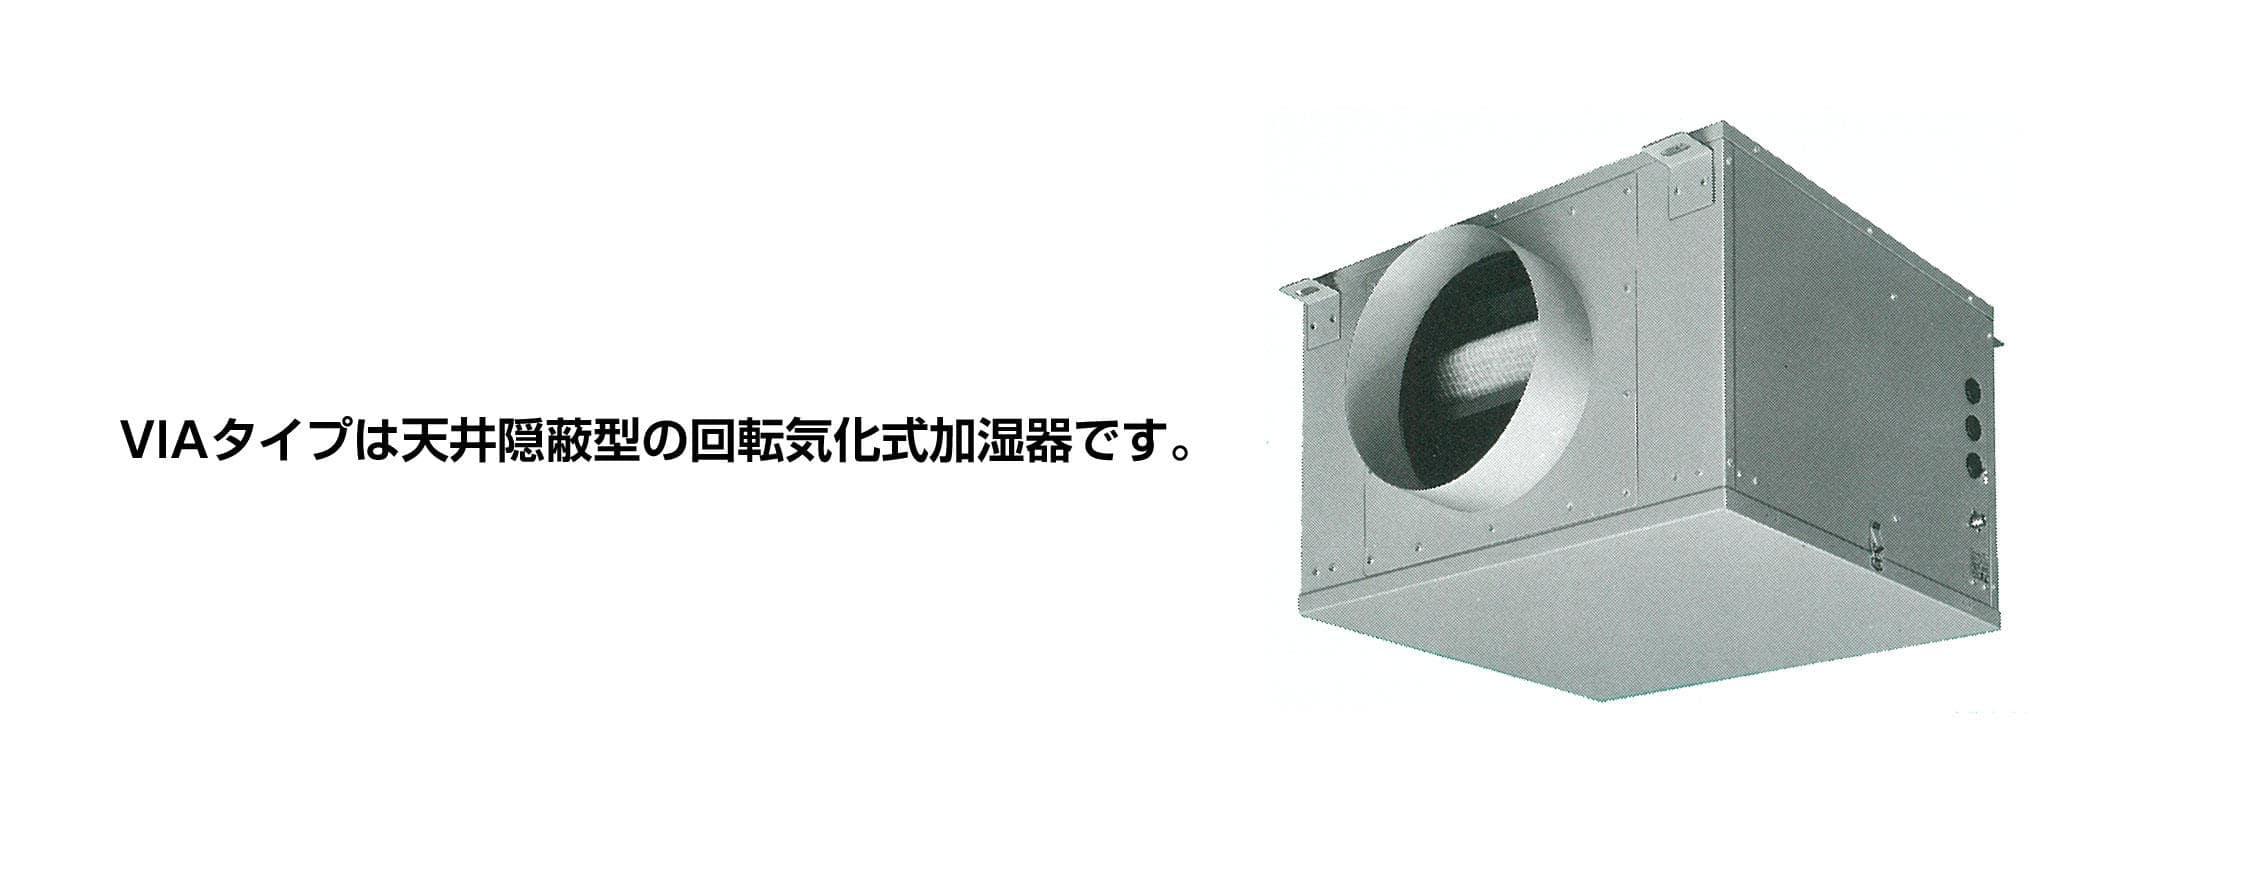 回転気化式加湿器VIAタイプ